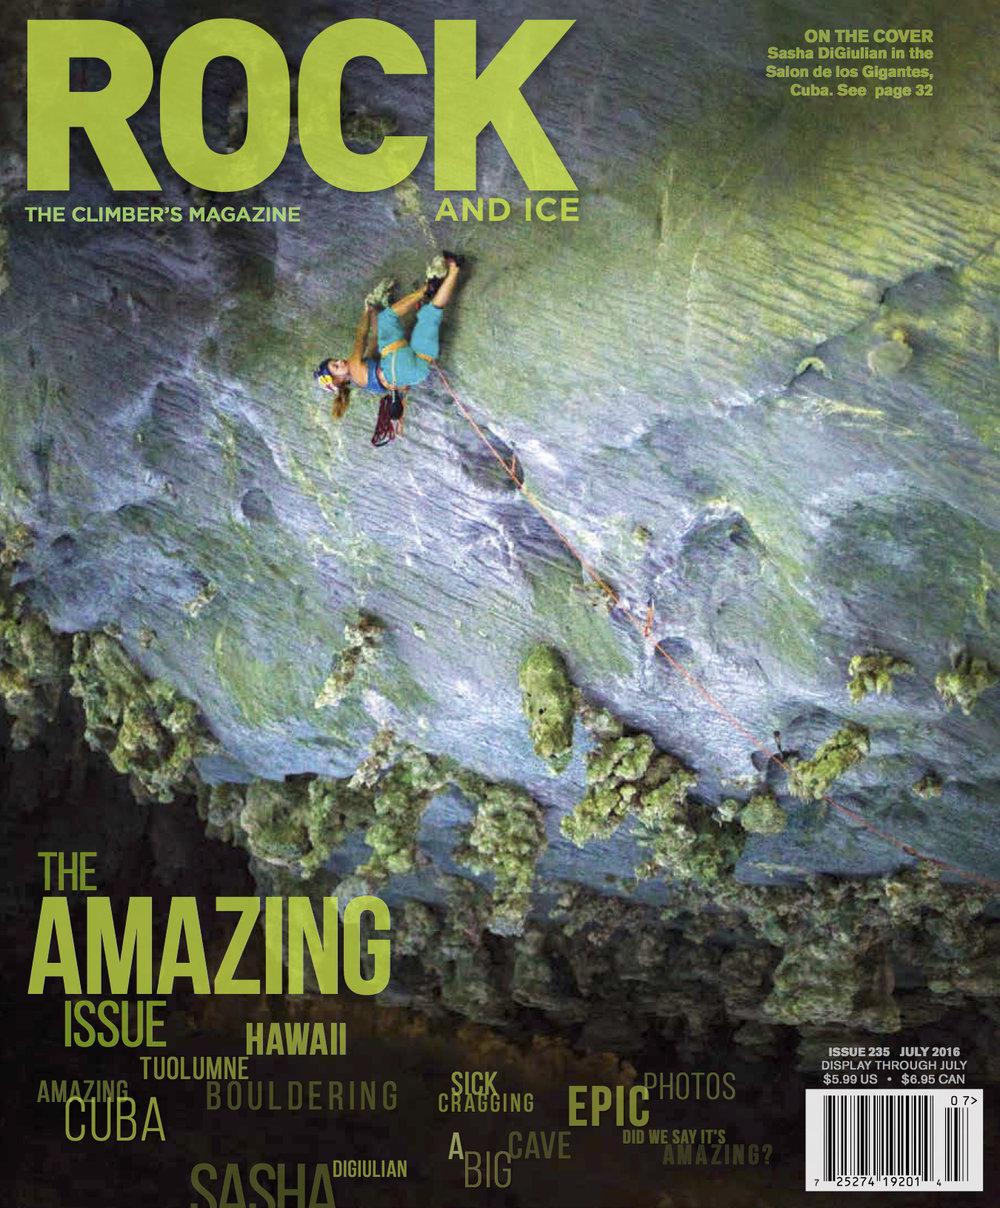 Cover 235.jpg